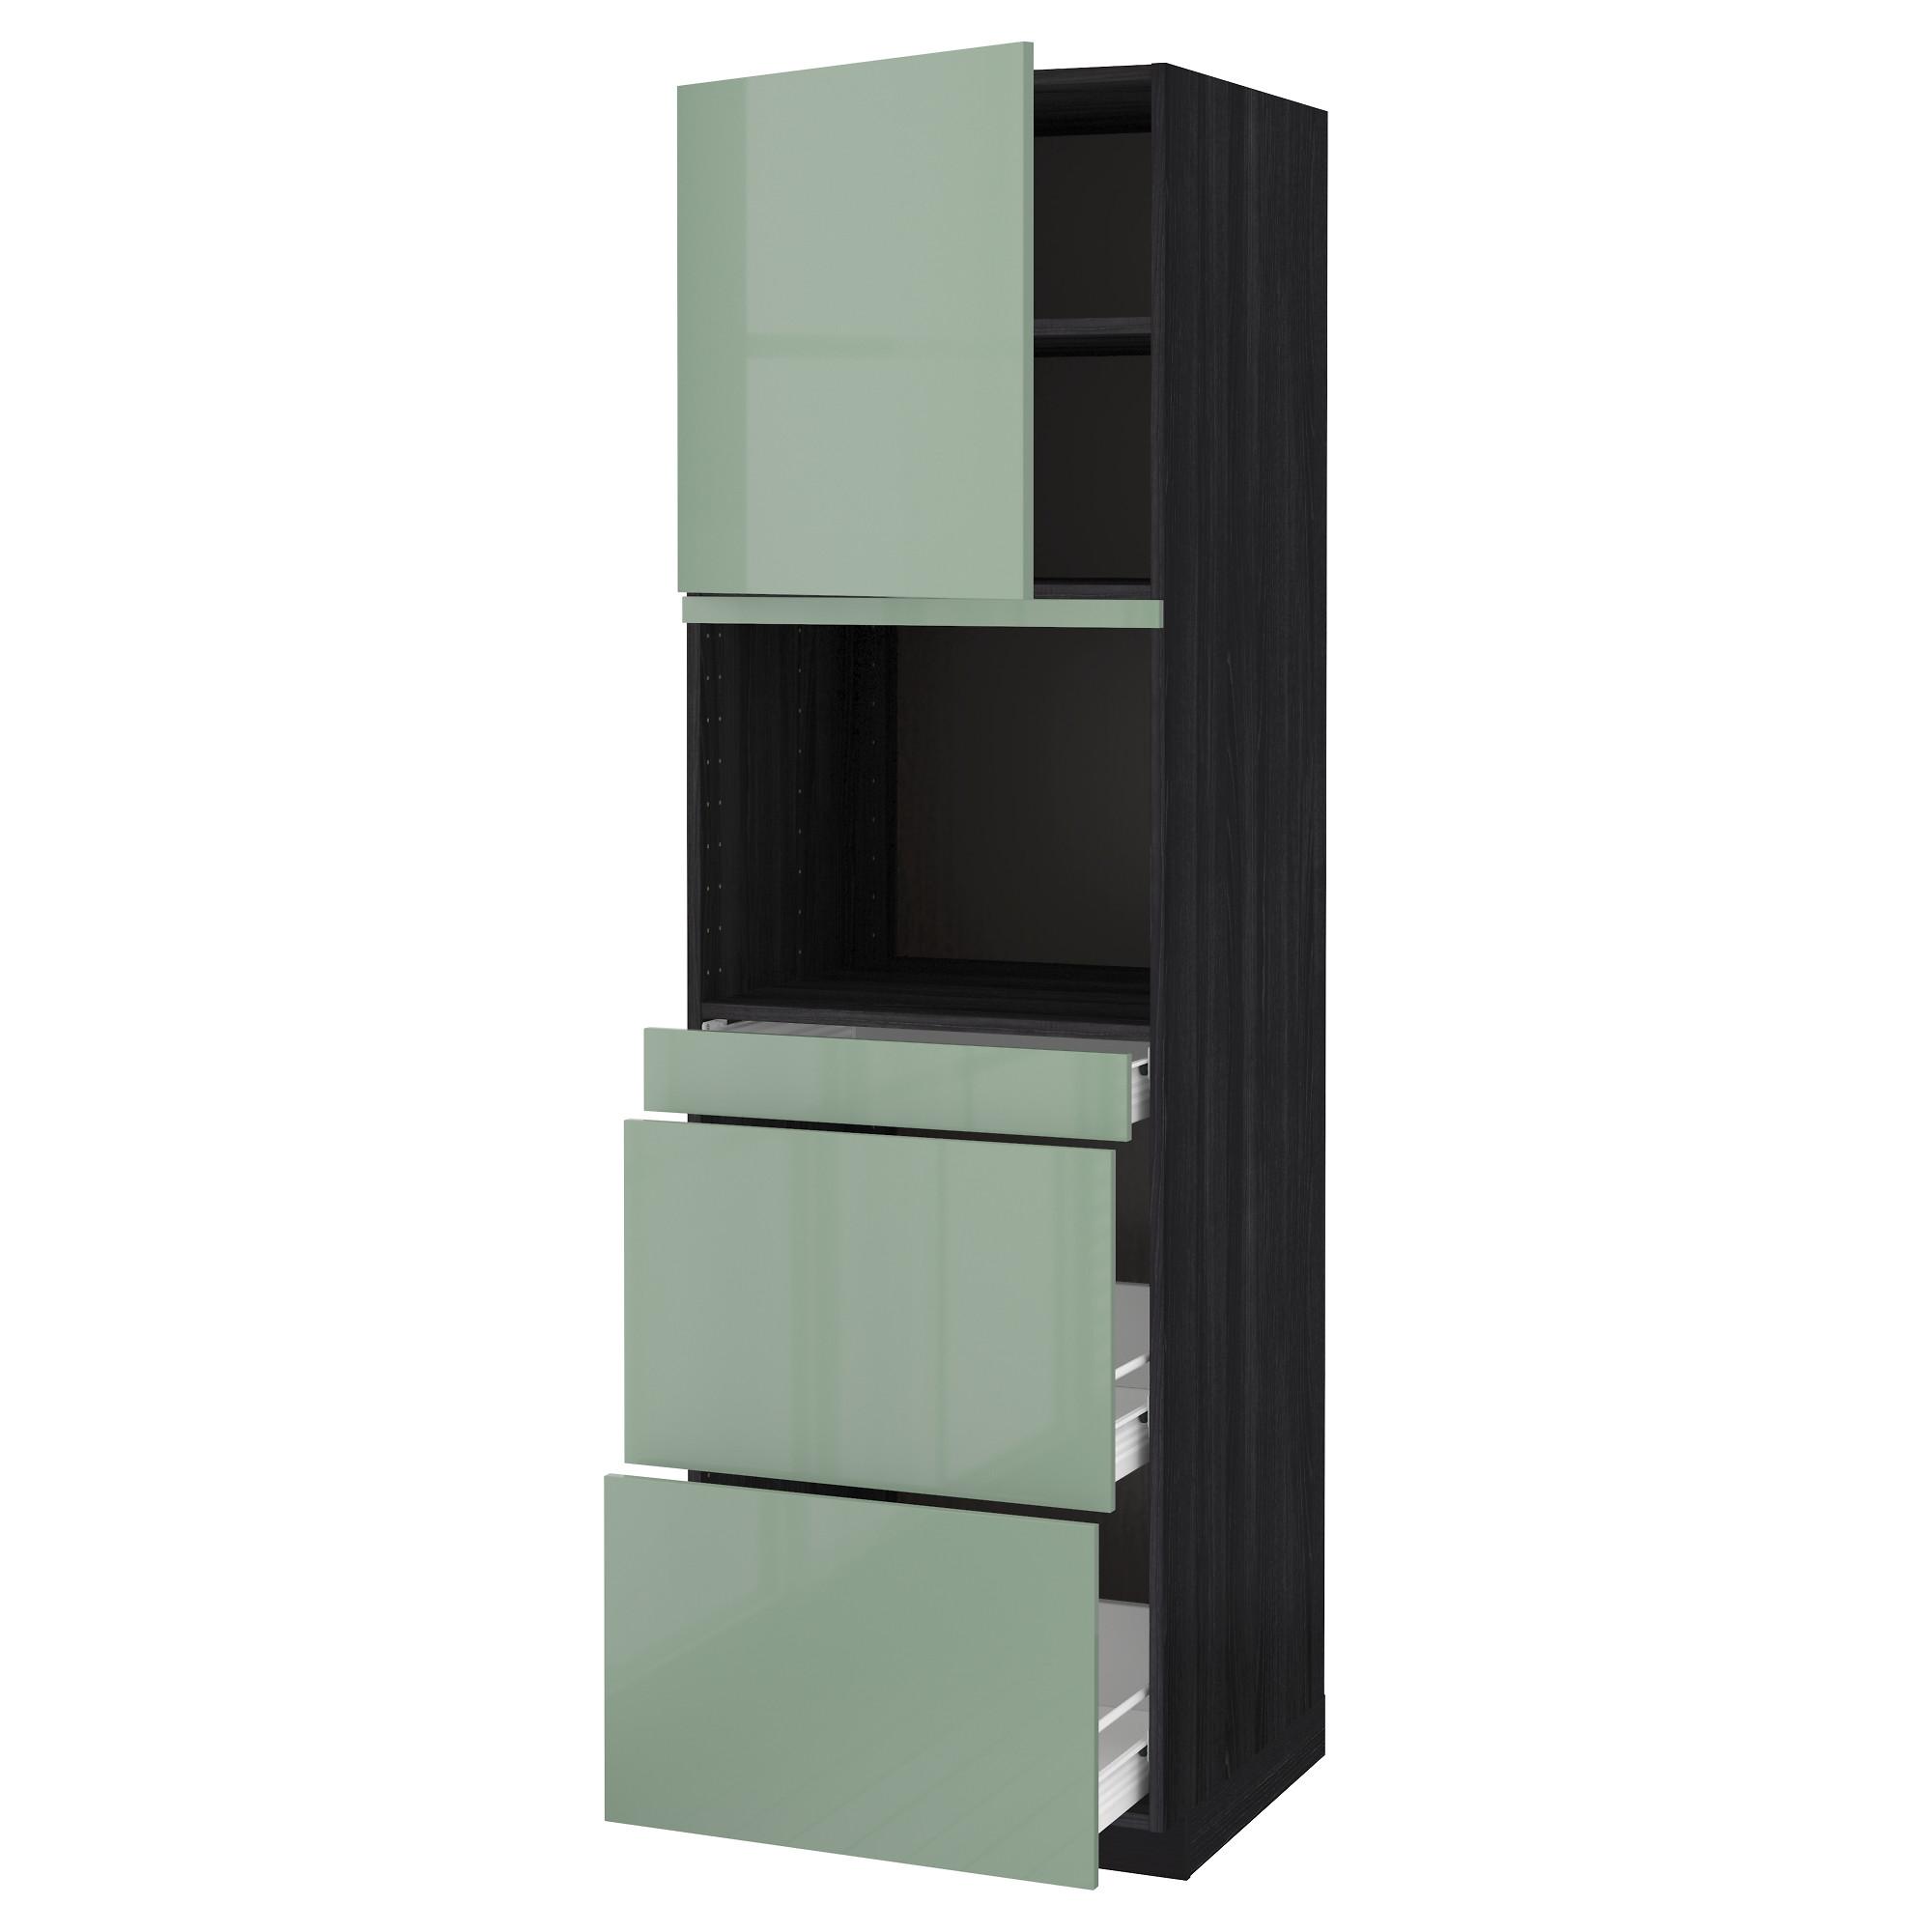 Высокий шкаф для СВЧ/дверца, 3 ящика МЕТОД / ФОРВАРА черный артикуль № 692.664.22 в наличии. Online магазин IKEA Минск. Быстрая доставка и установка.